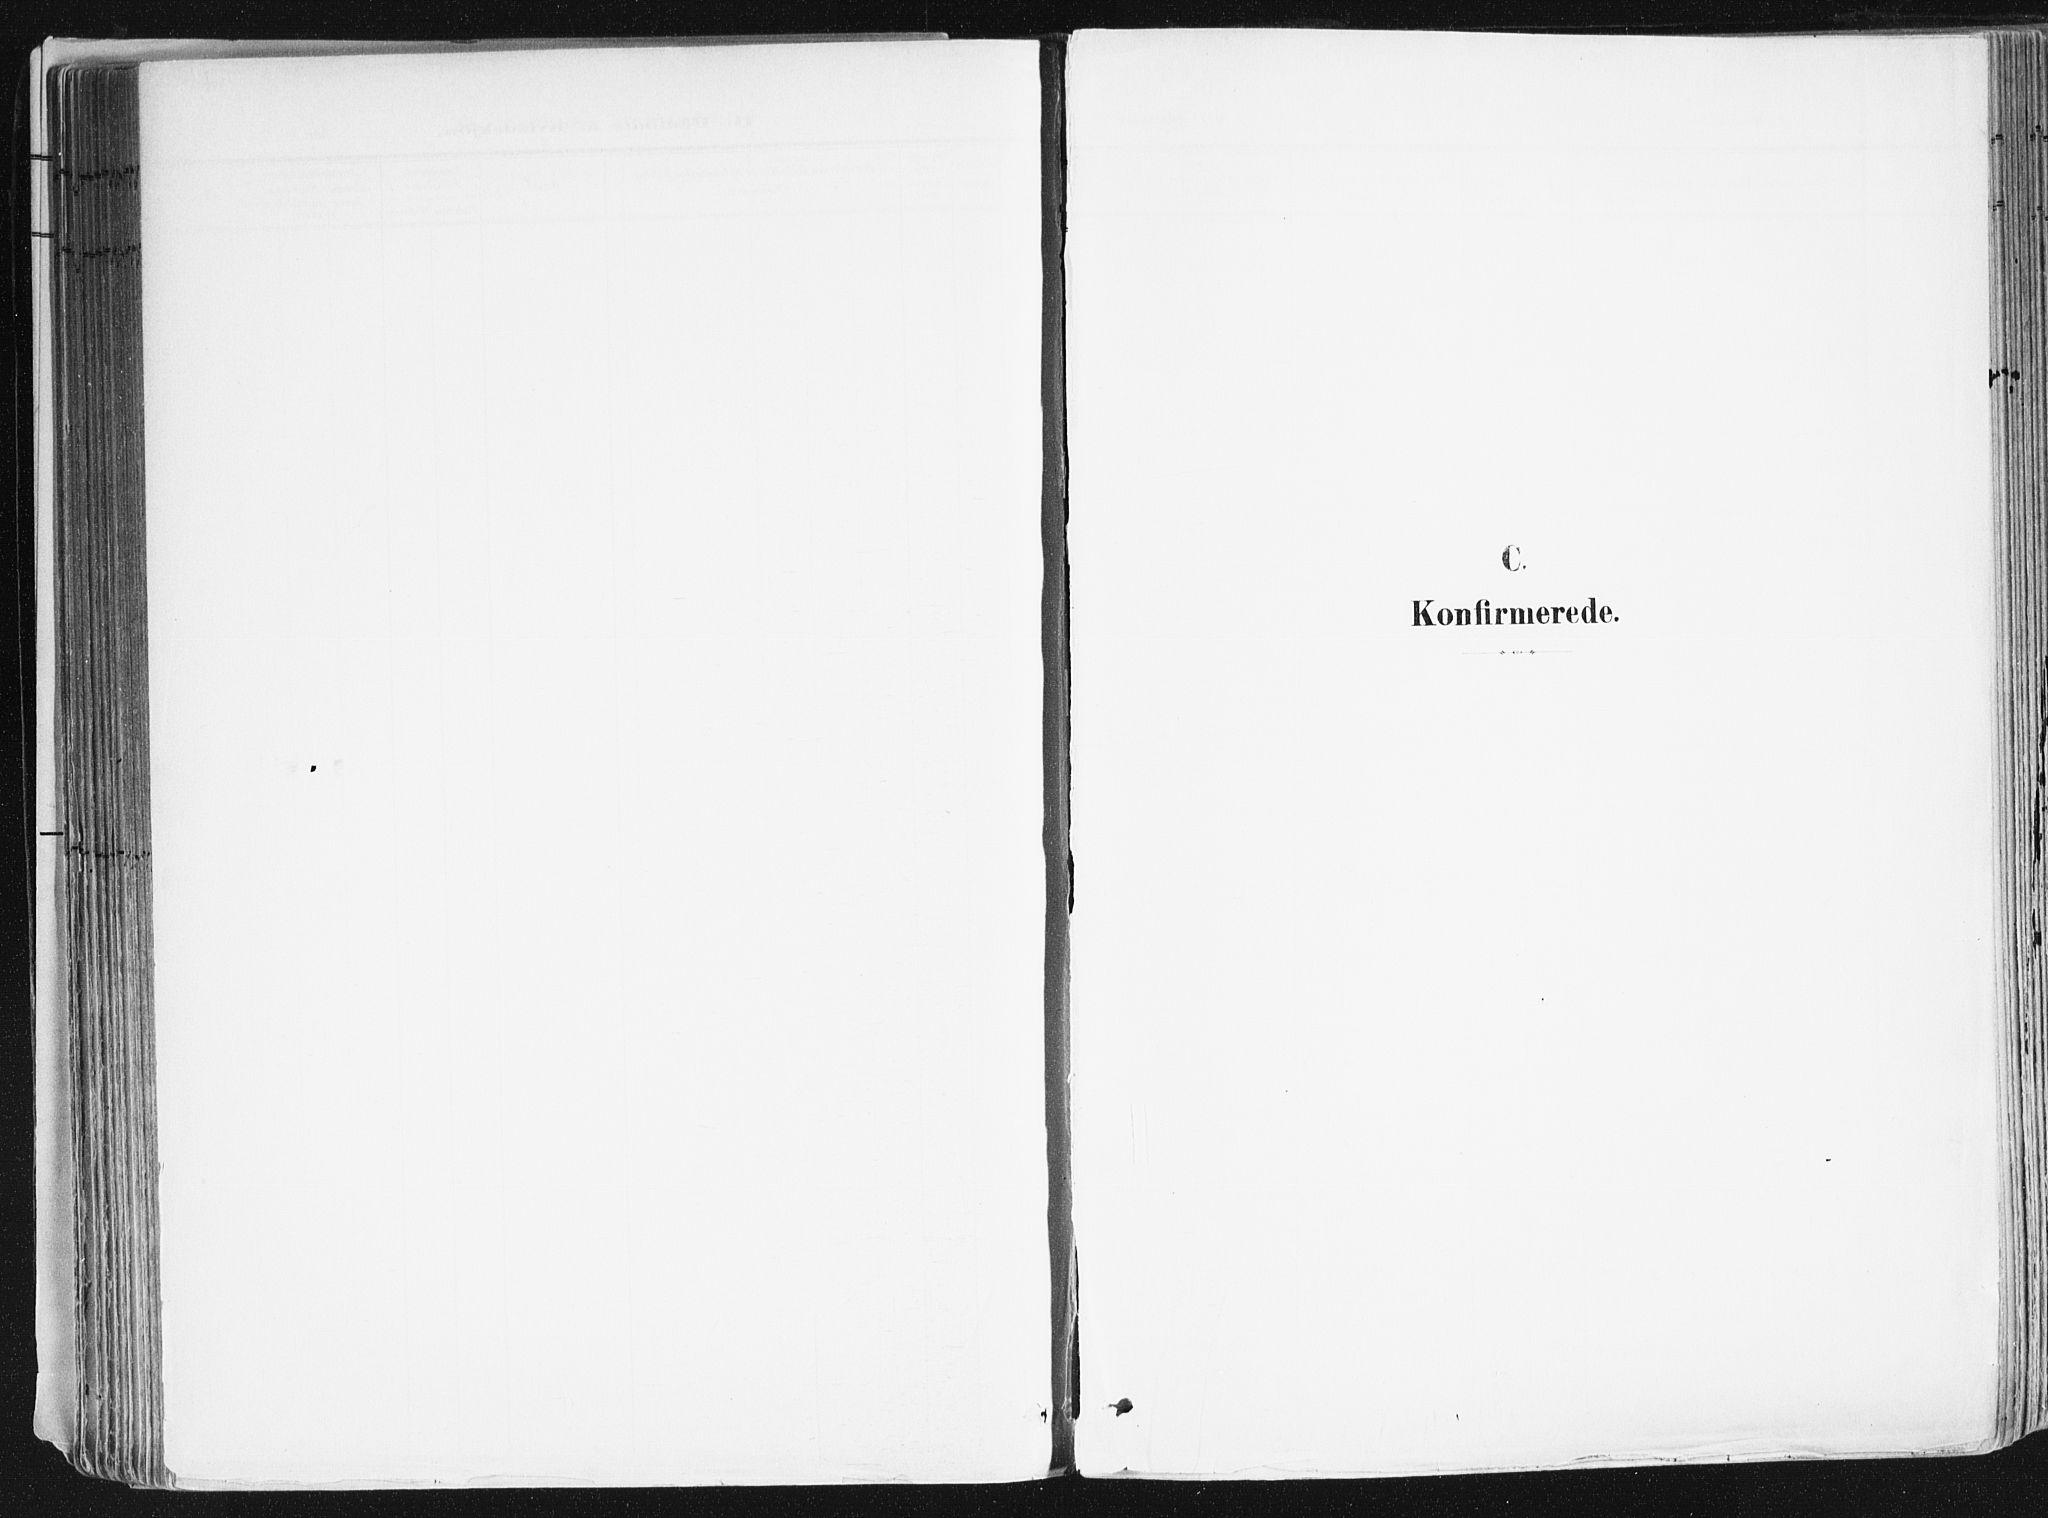 SAK, Arendal sokneprestkontor, Trefoldighet, F/Fa/L0010: Parish register (official) no. A 10, 1900-1919